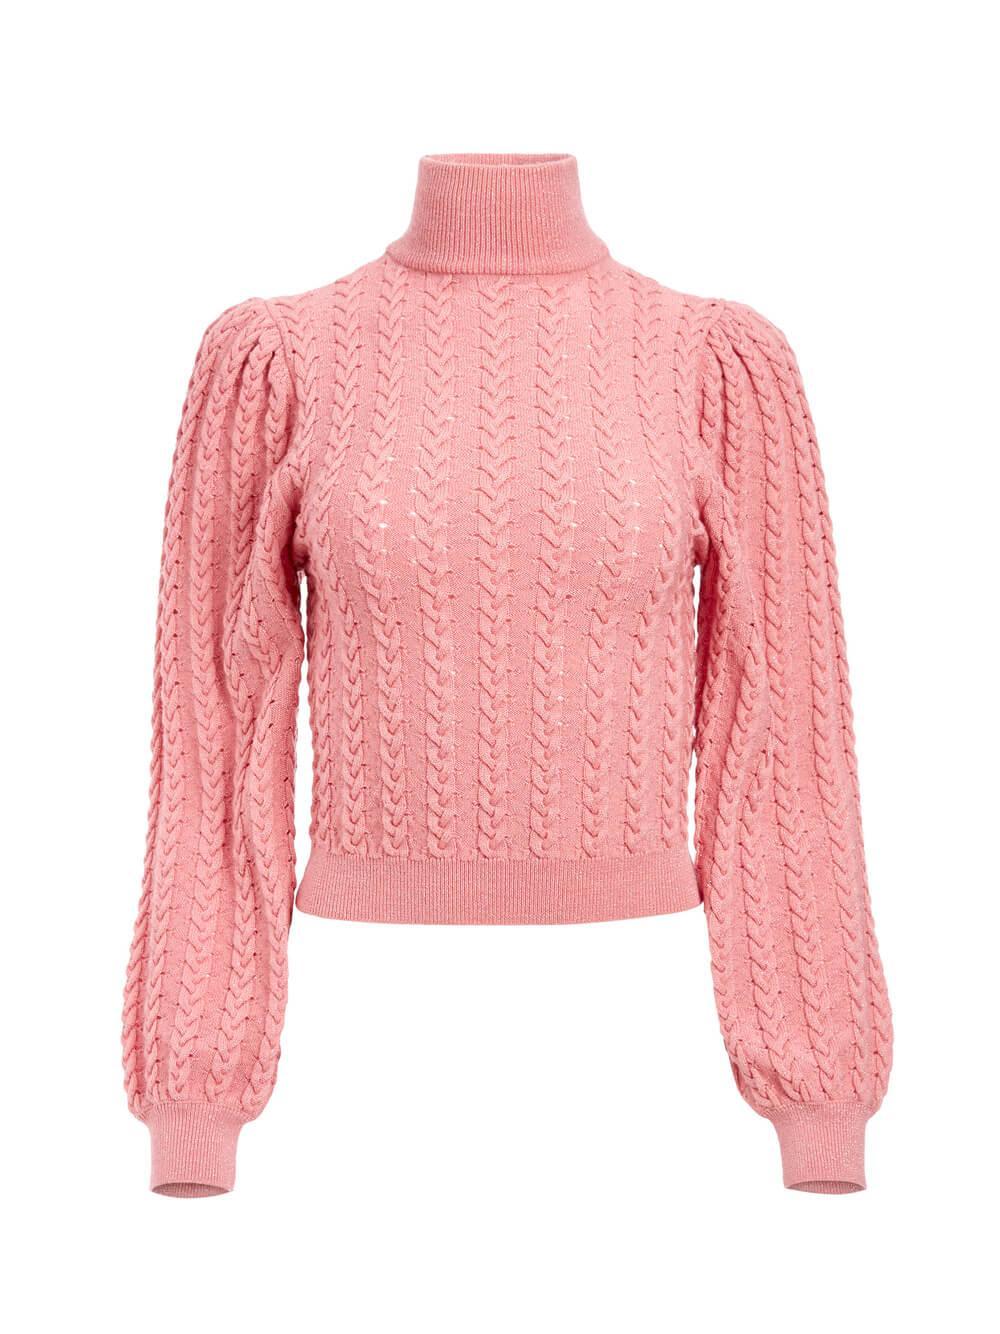 Esme Sweater Item # CC009539710